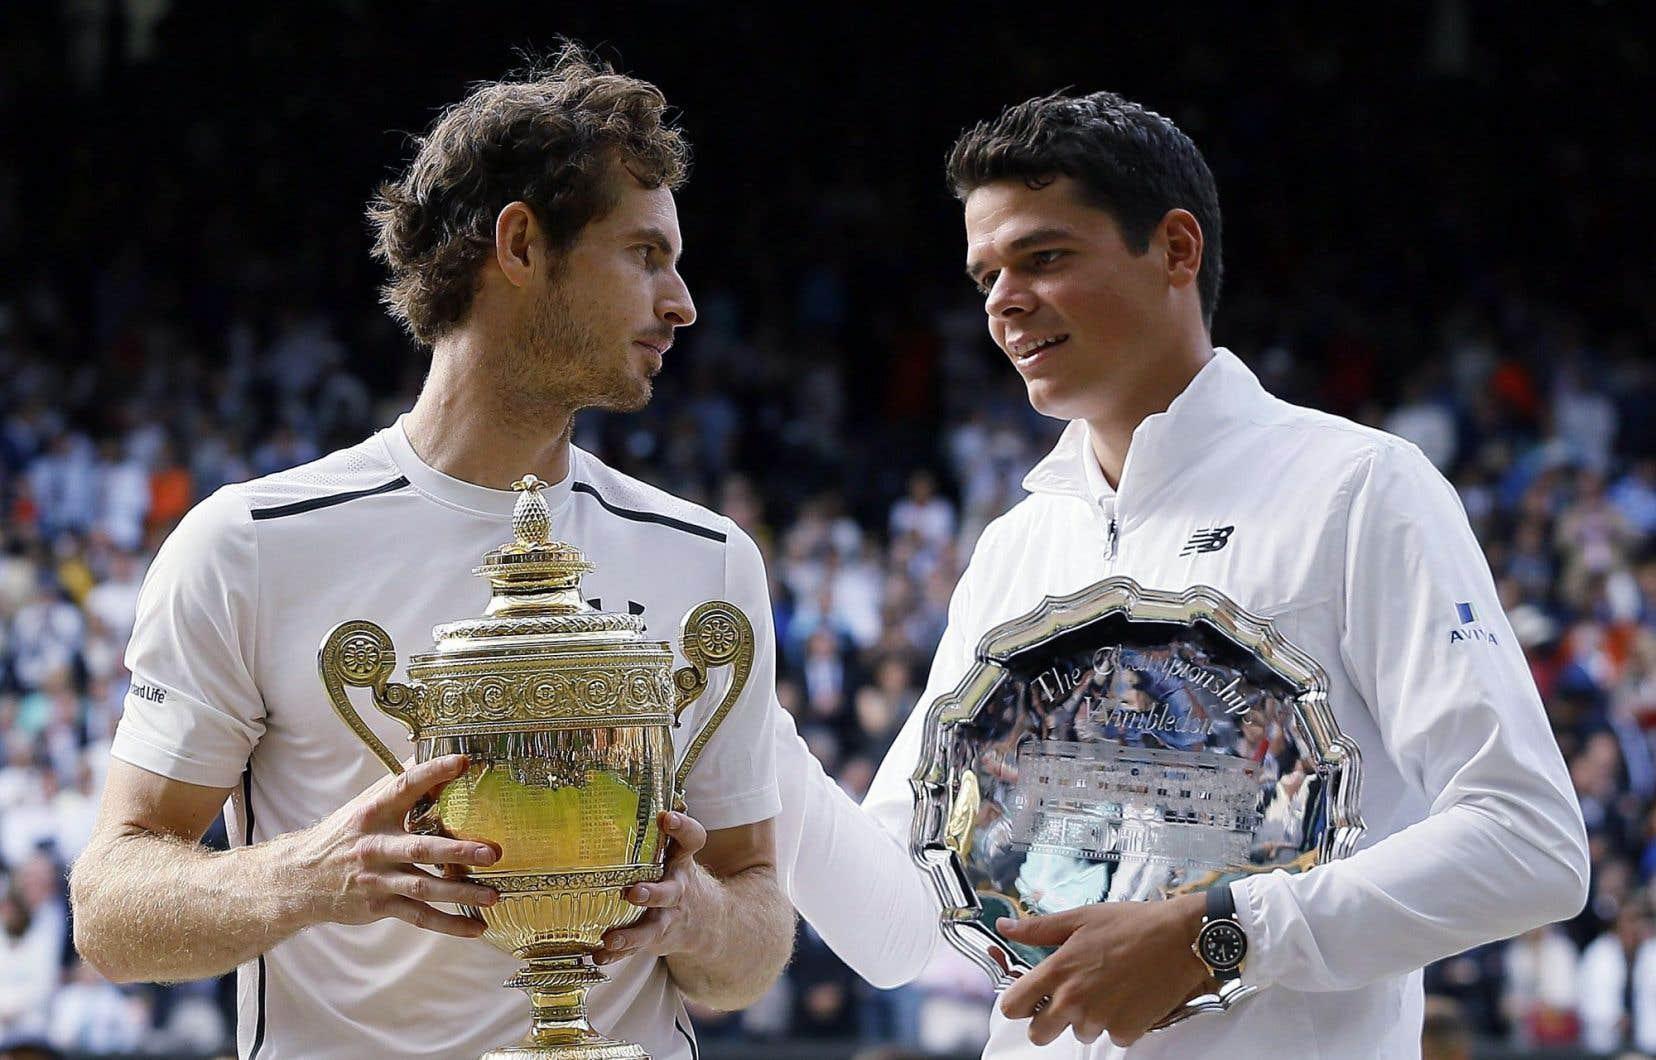 Andy Murray et Milos Raonic après la finale que l'Écossais a remportée aux dépens du Canadien.